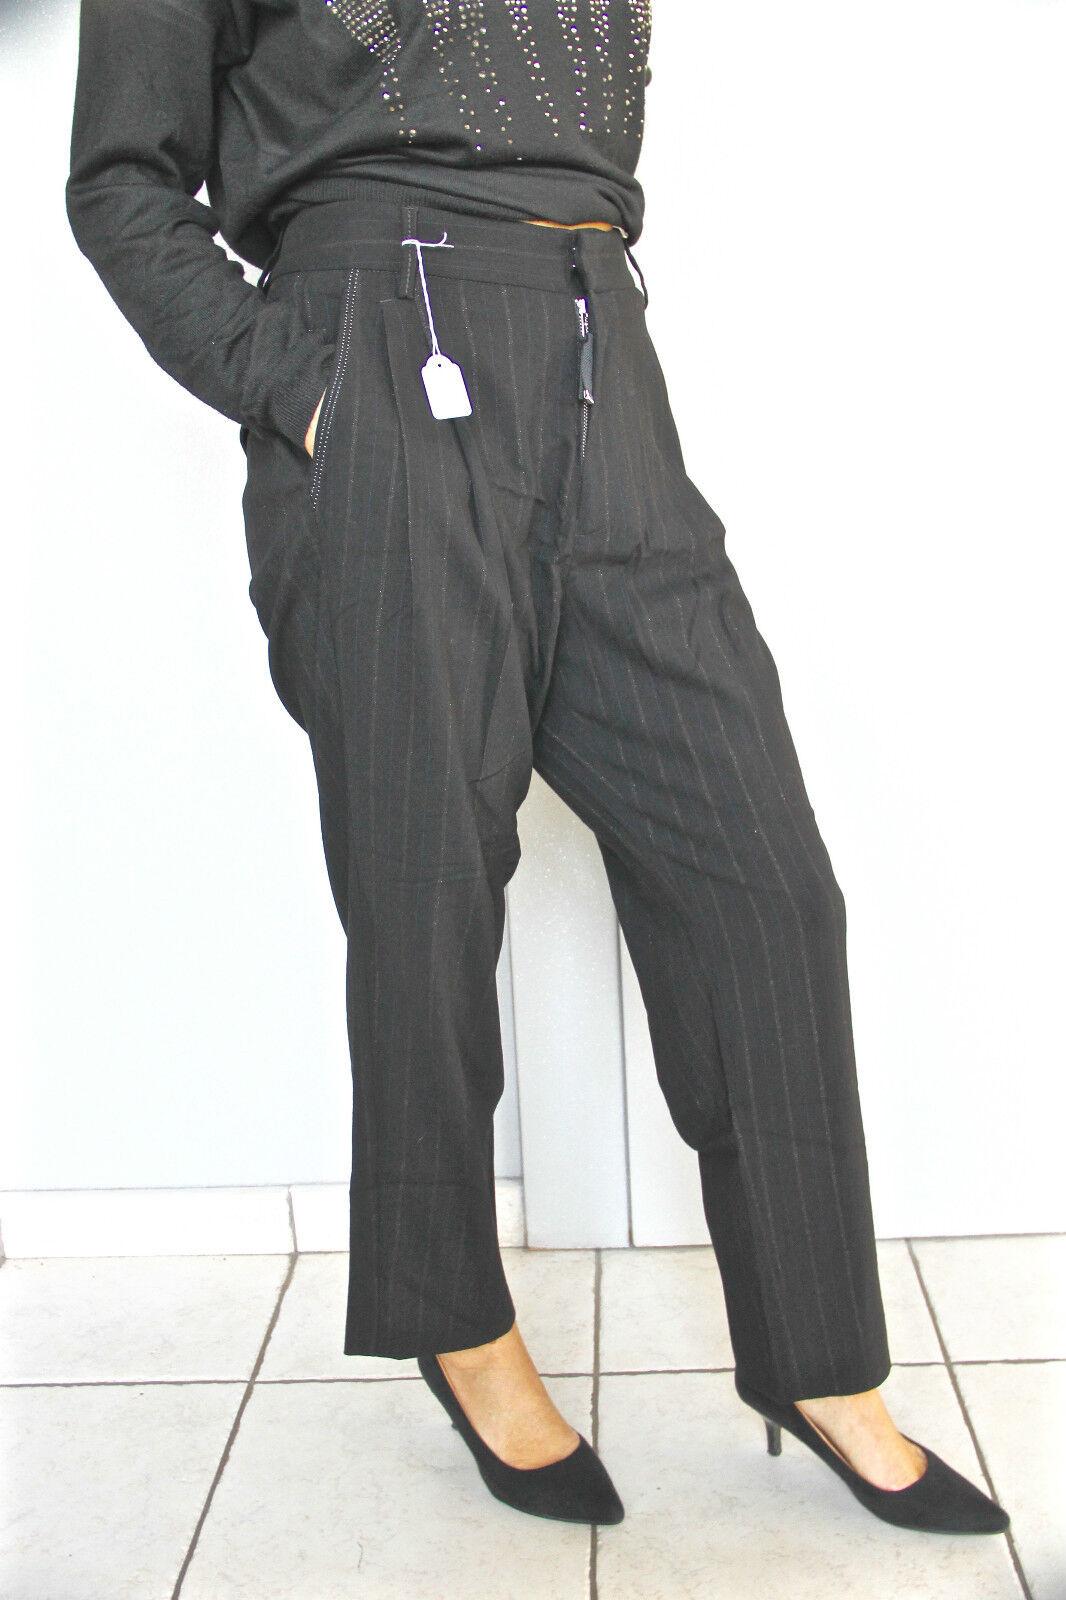 Pantalon large laine blacke et dorée HIGH USE T 40-42 NEUF ÉTIQUETTE val